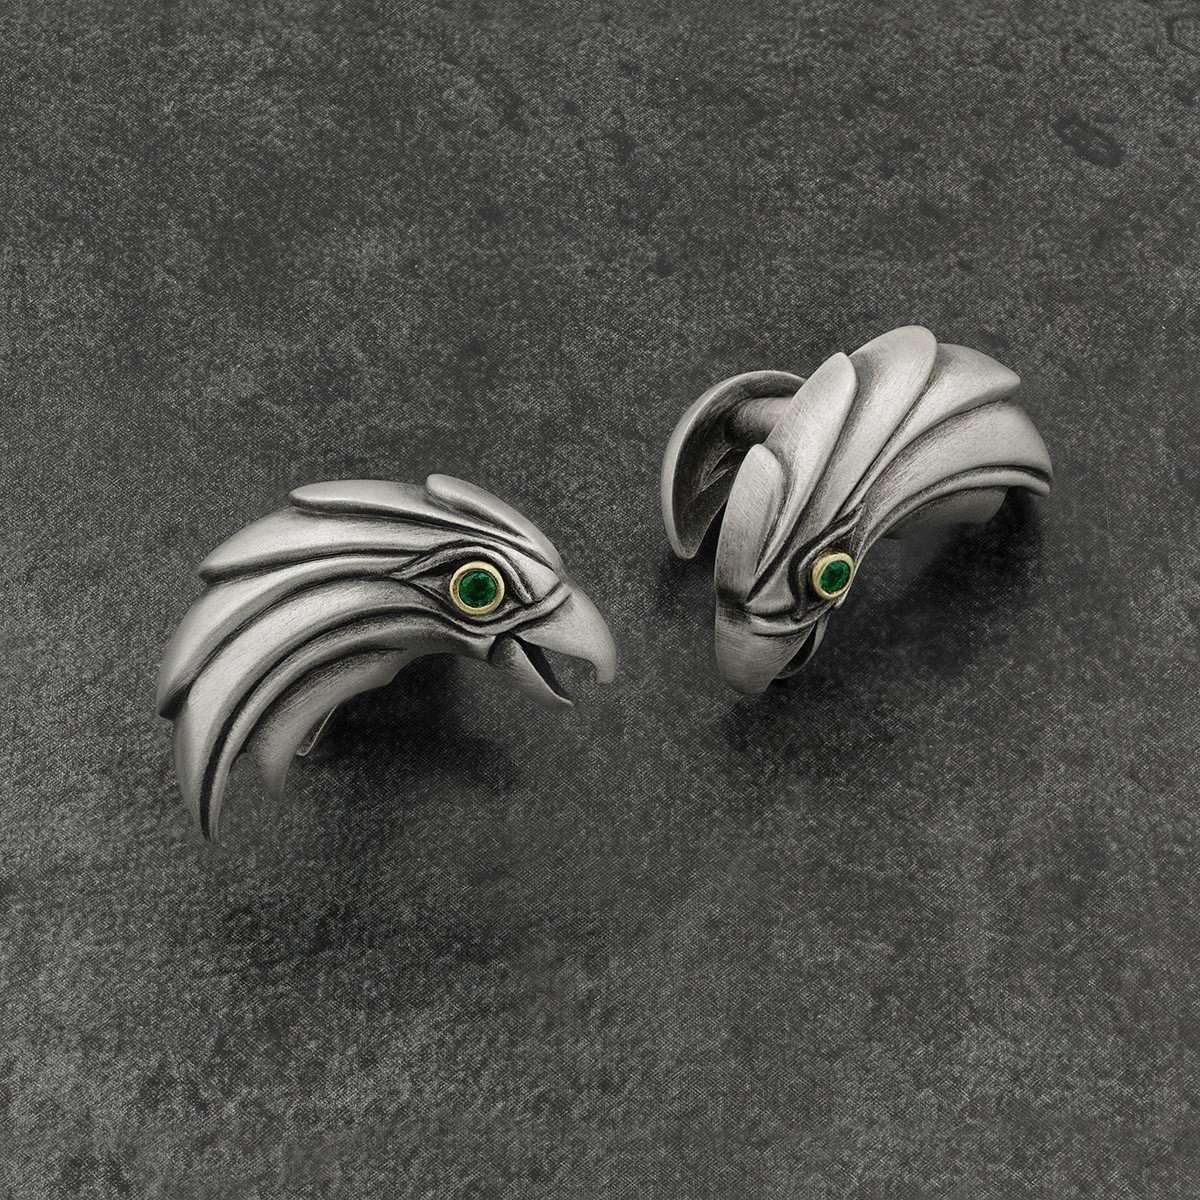 Snake Bones Eagle Cufflinks With Emerald Eyes DbhcW4oW